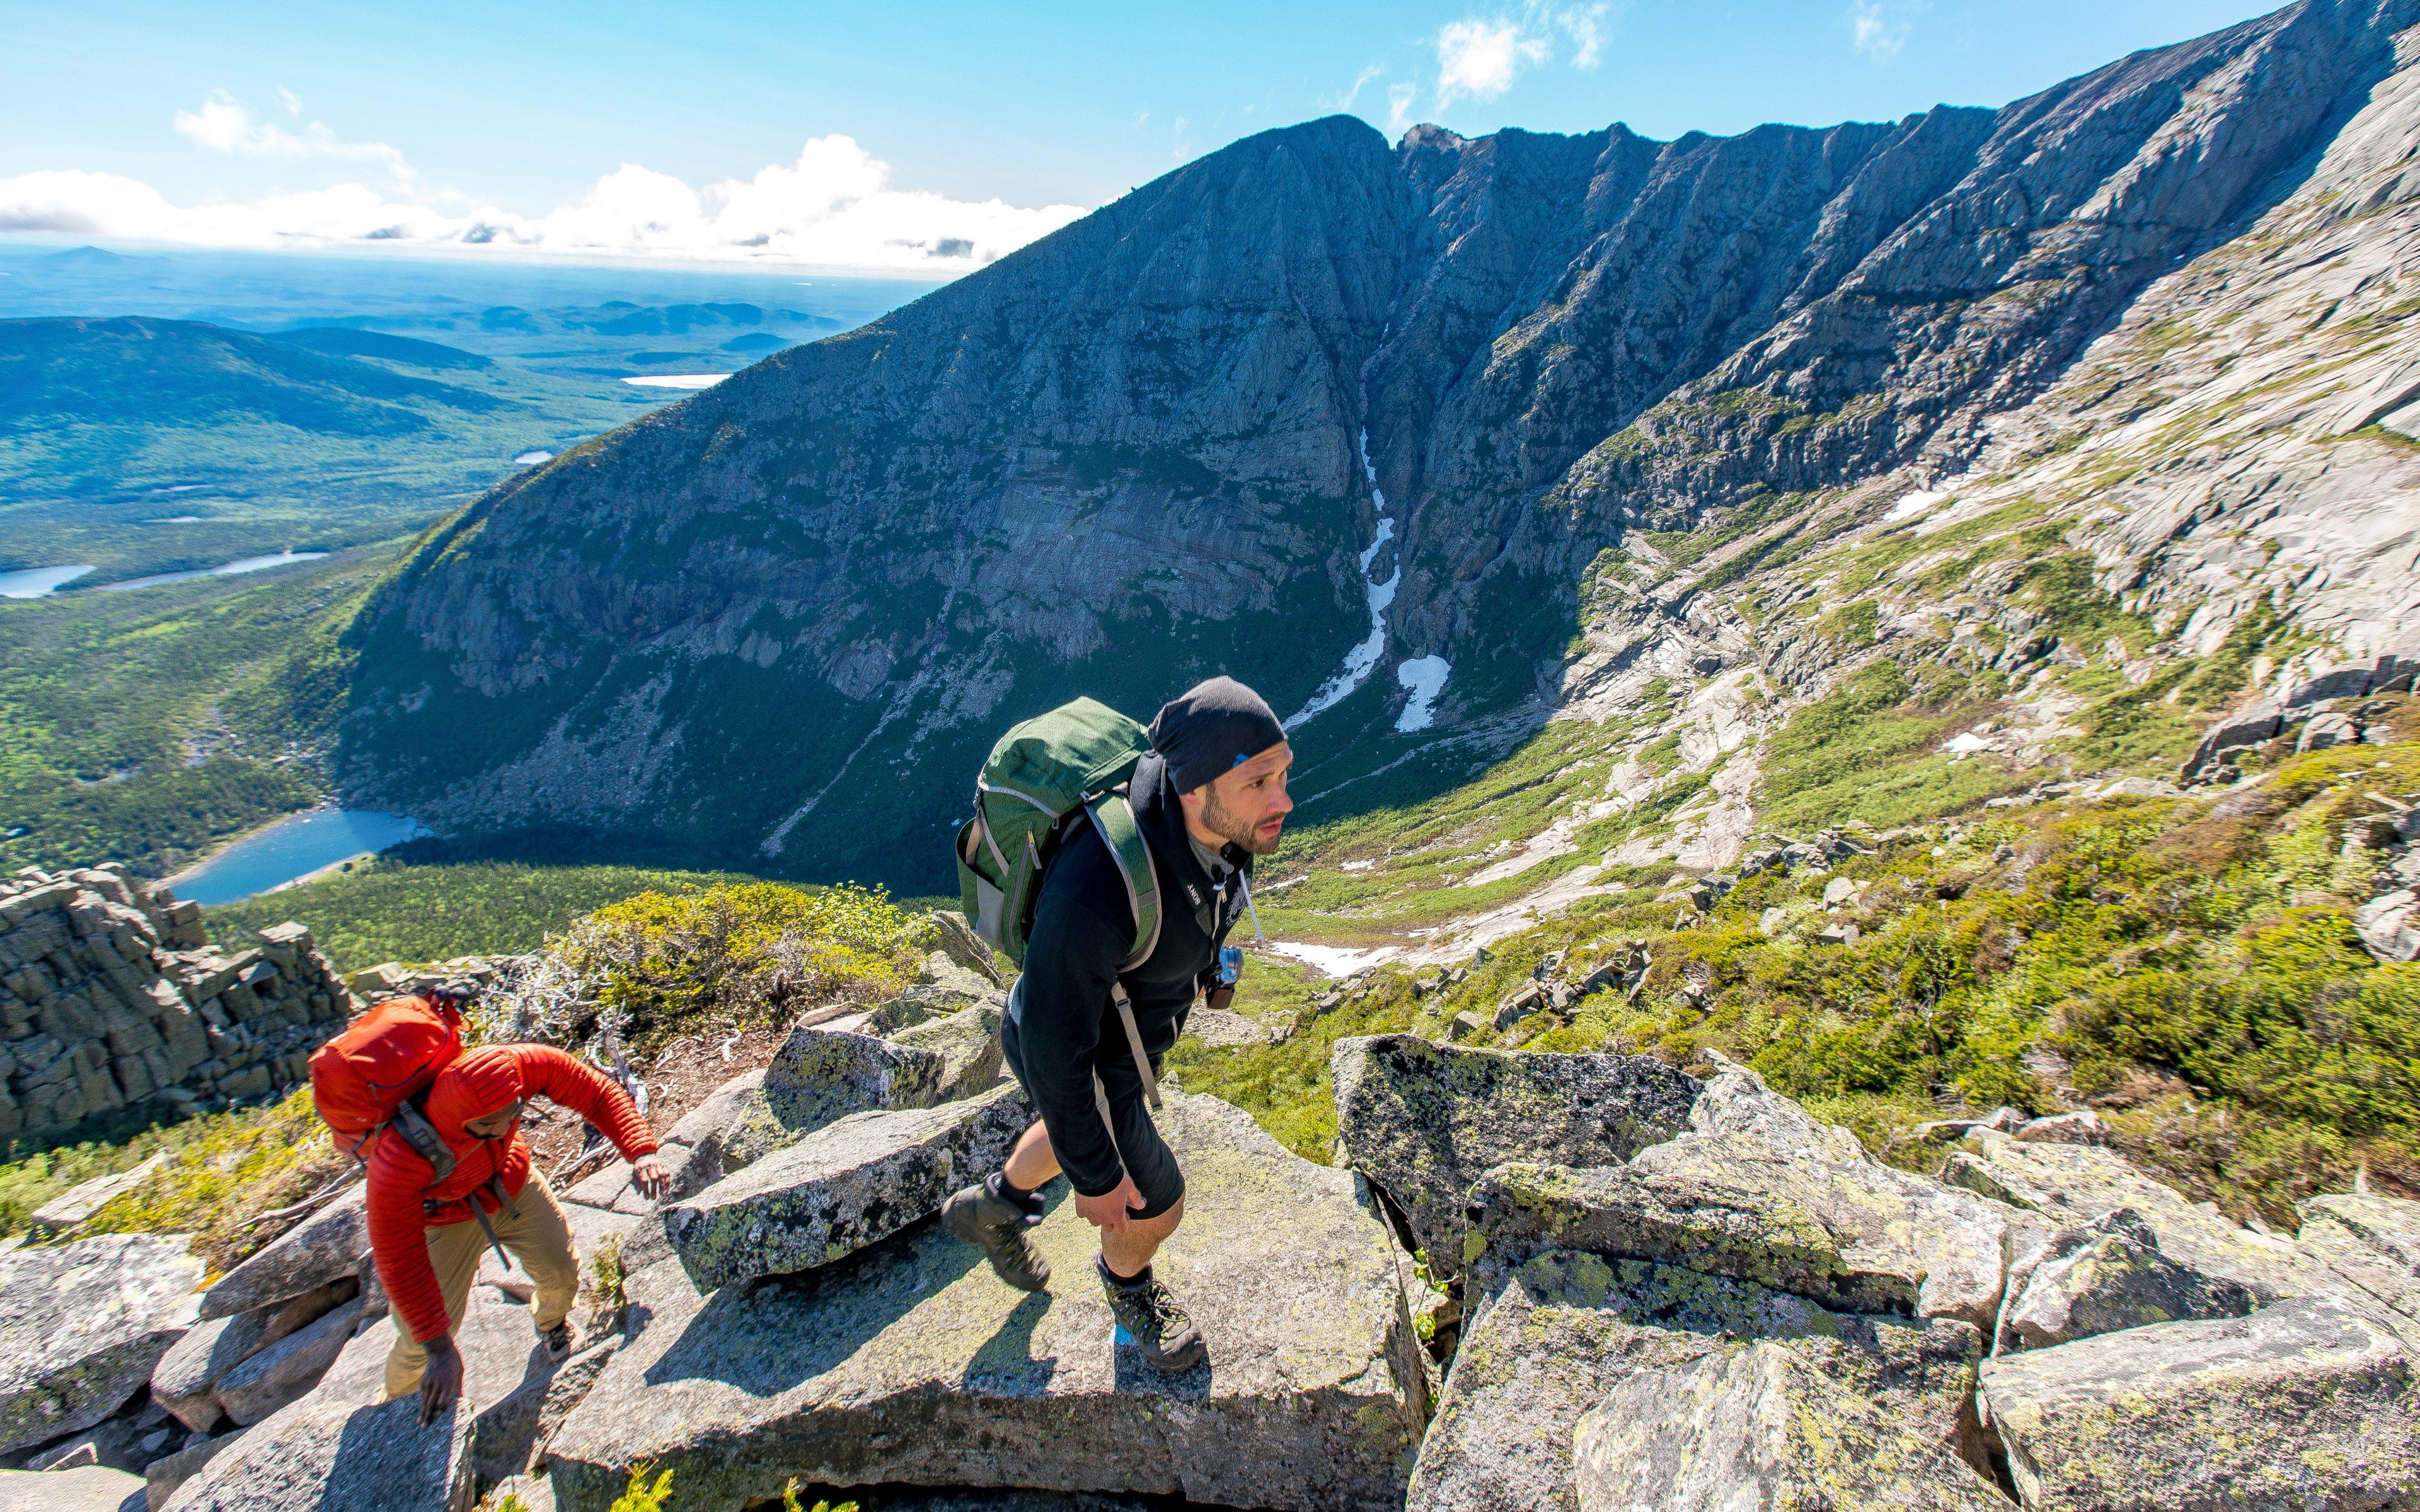 hiking injuries